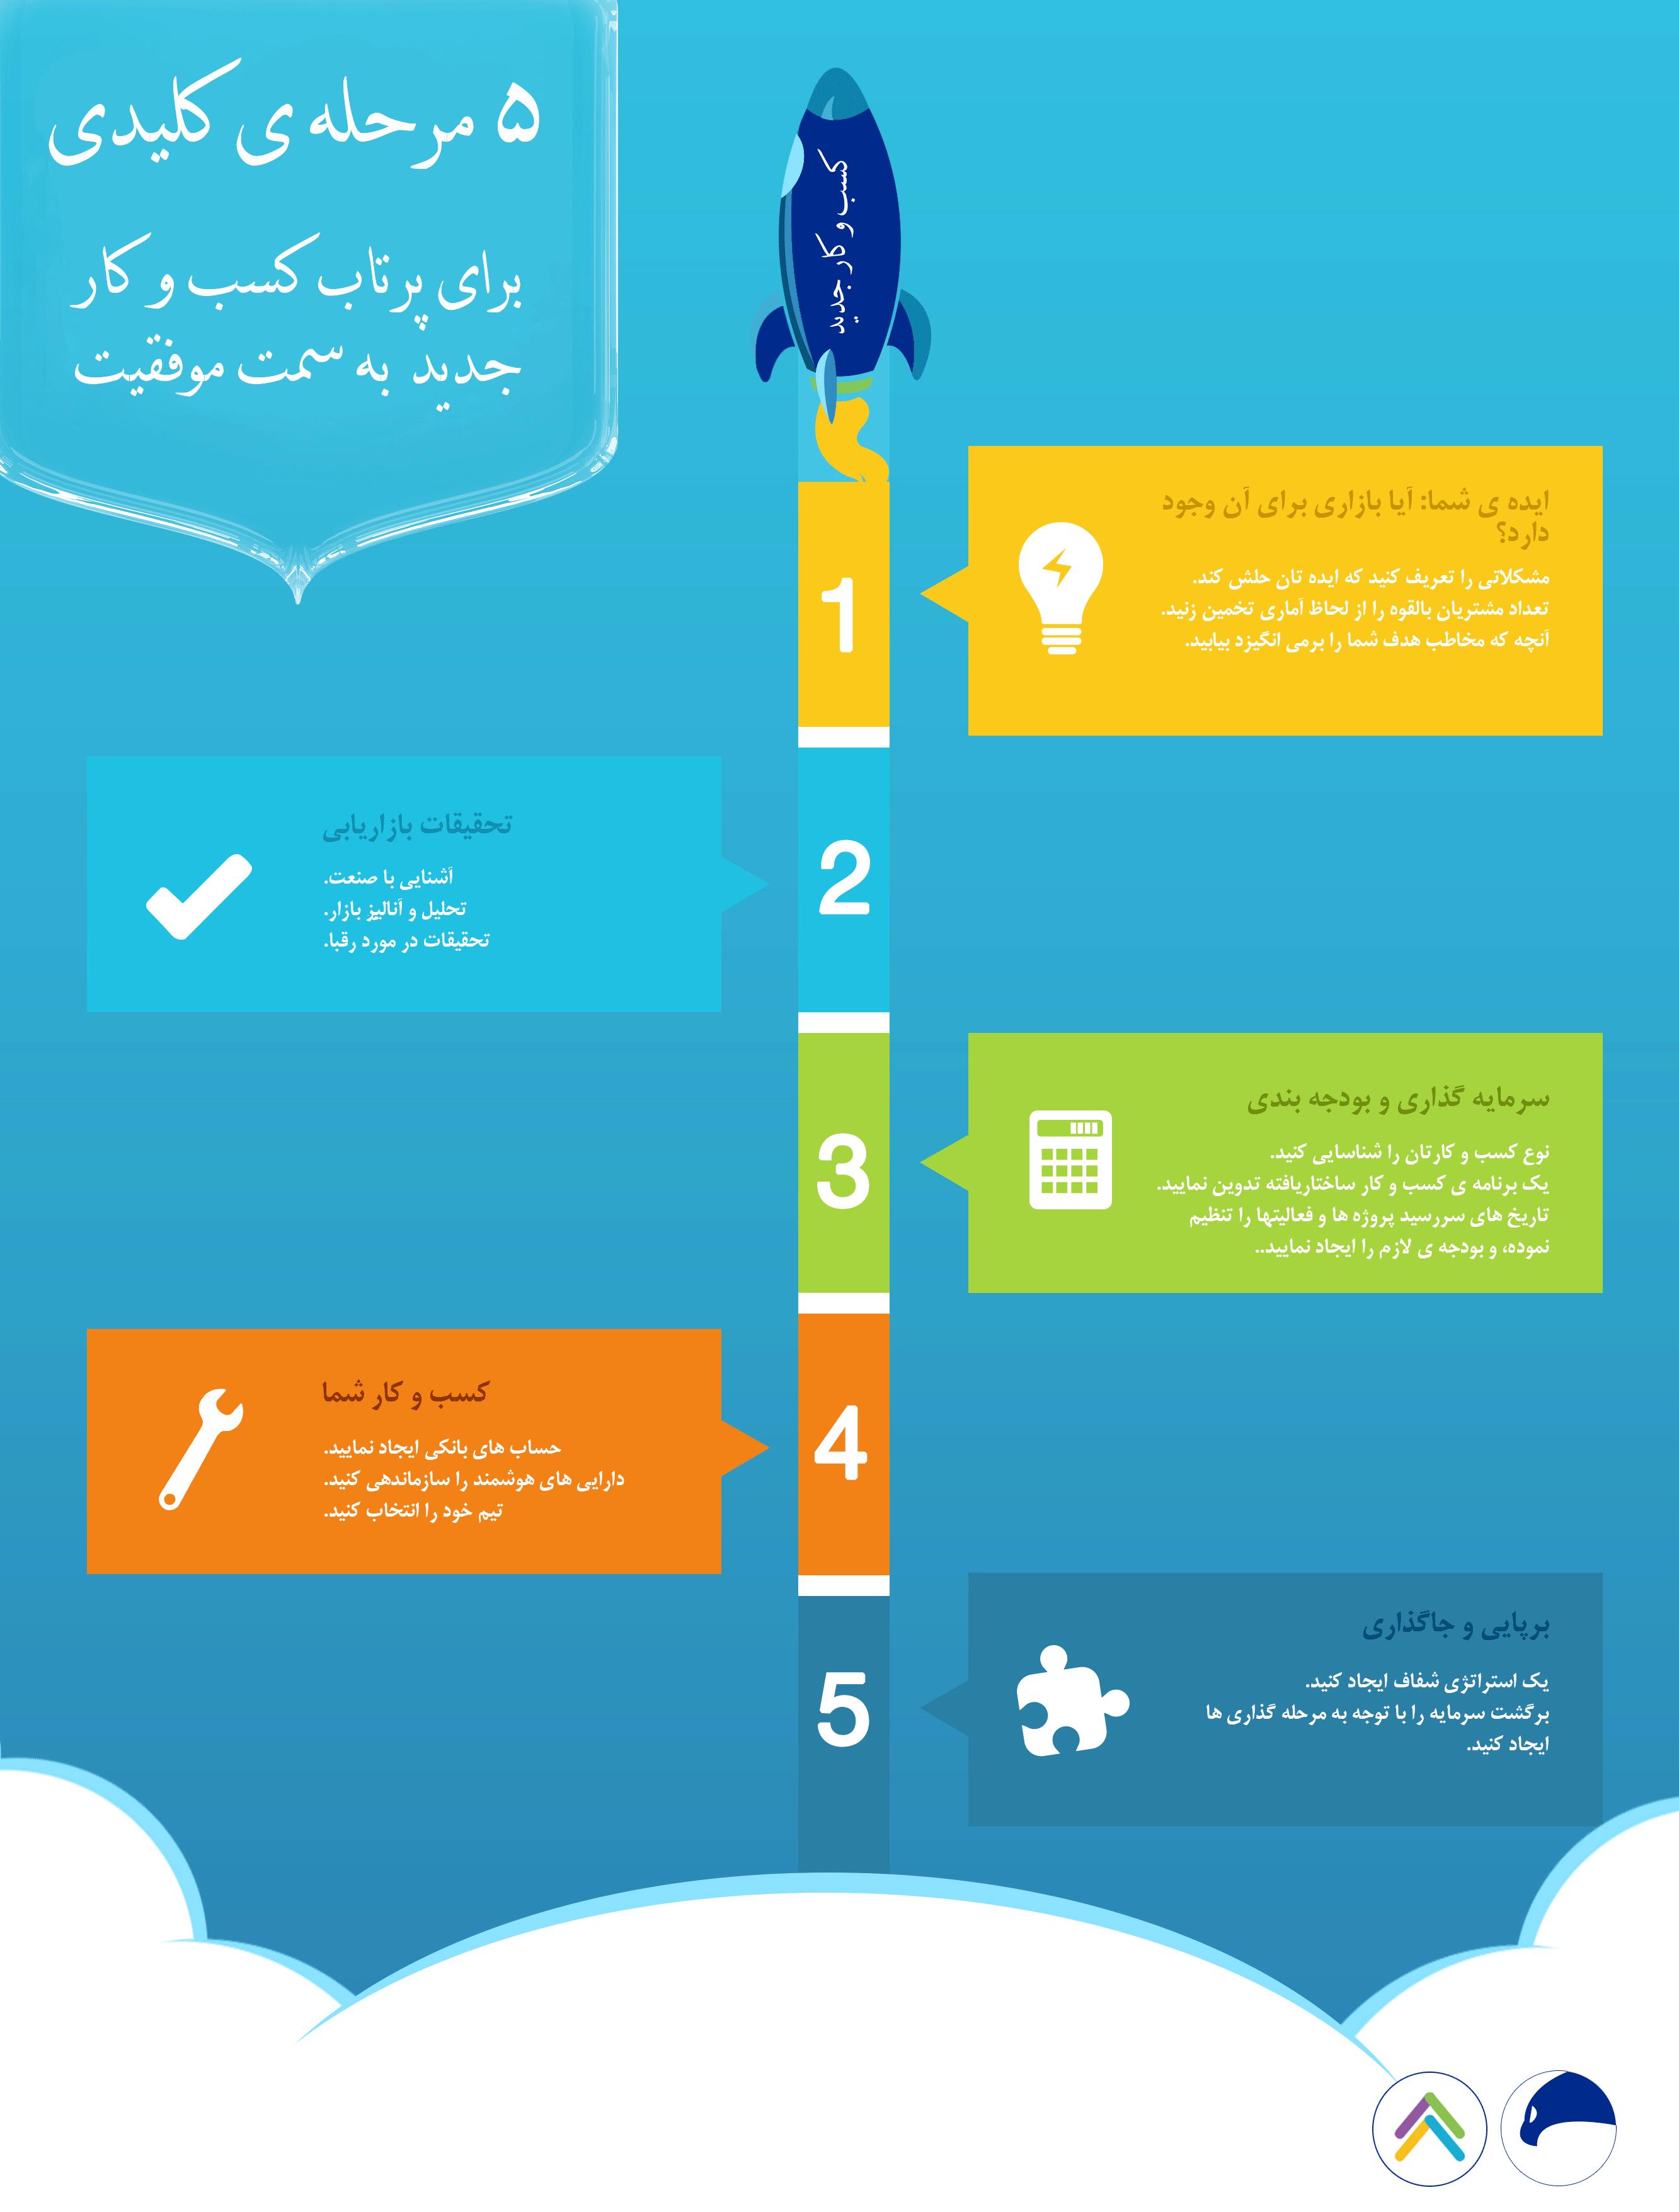 پنج-مرحله-کلیدی-برای-پرتاب-کسب-و-کار-جدید-به-سمت-موفقیت